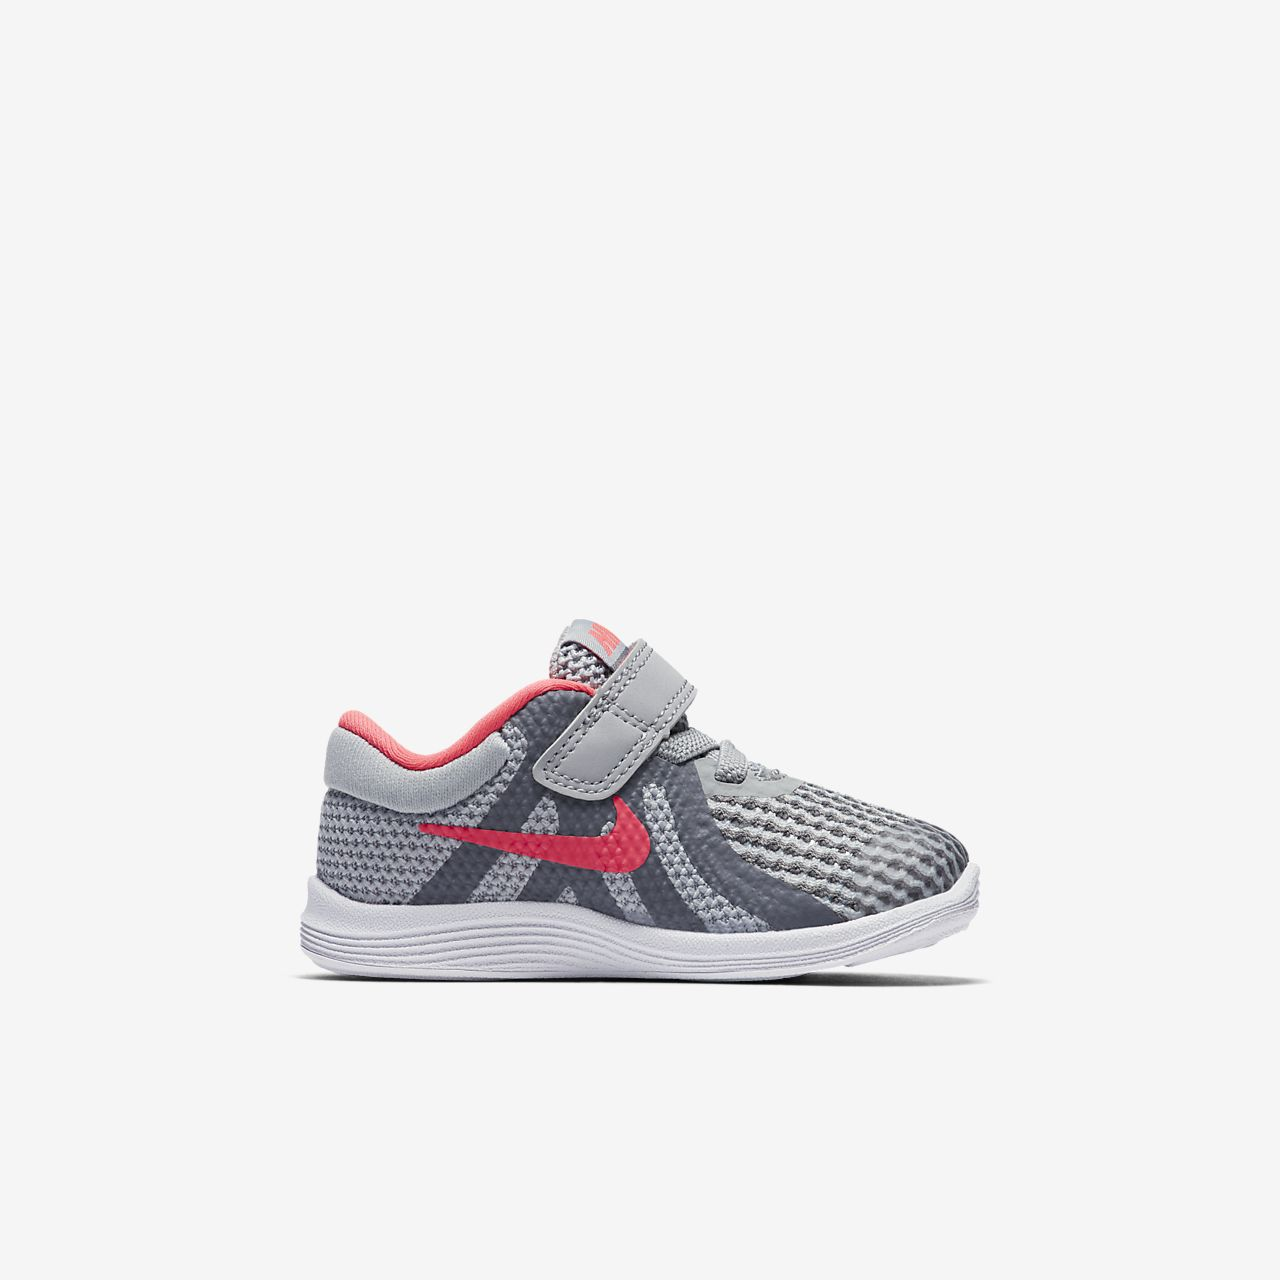 f069df0c7e625 Nike Revolution 4 Infant Toddler Shoe. Nike.com